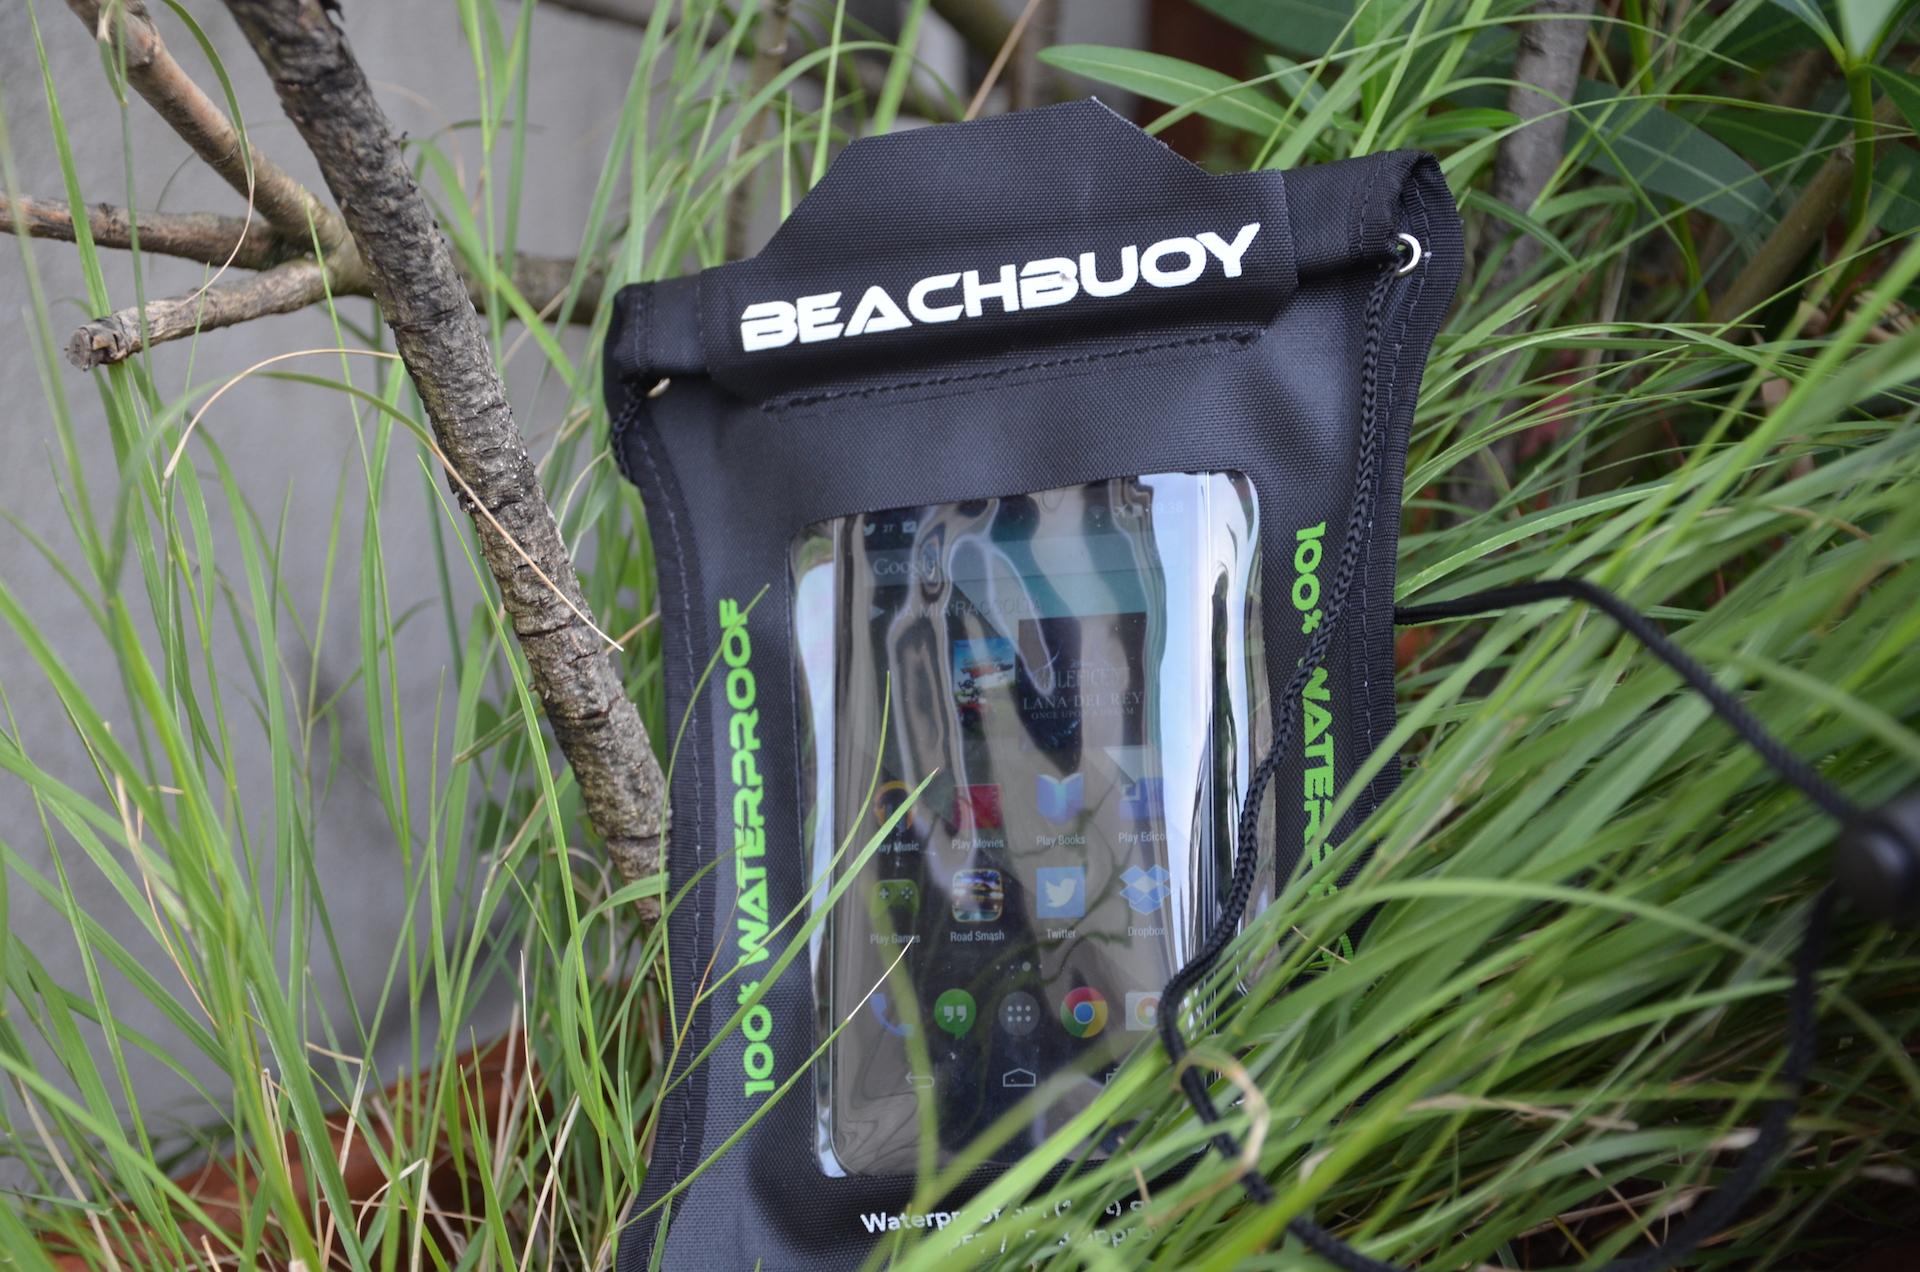 Proporta_BeachBuoy_8